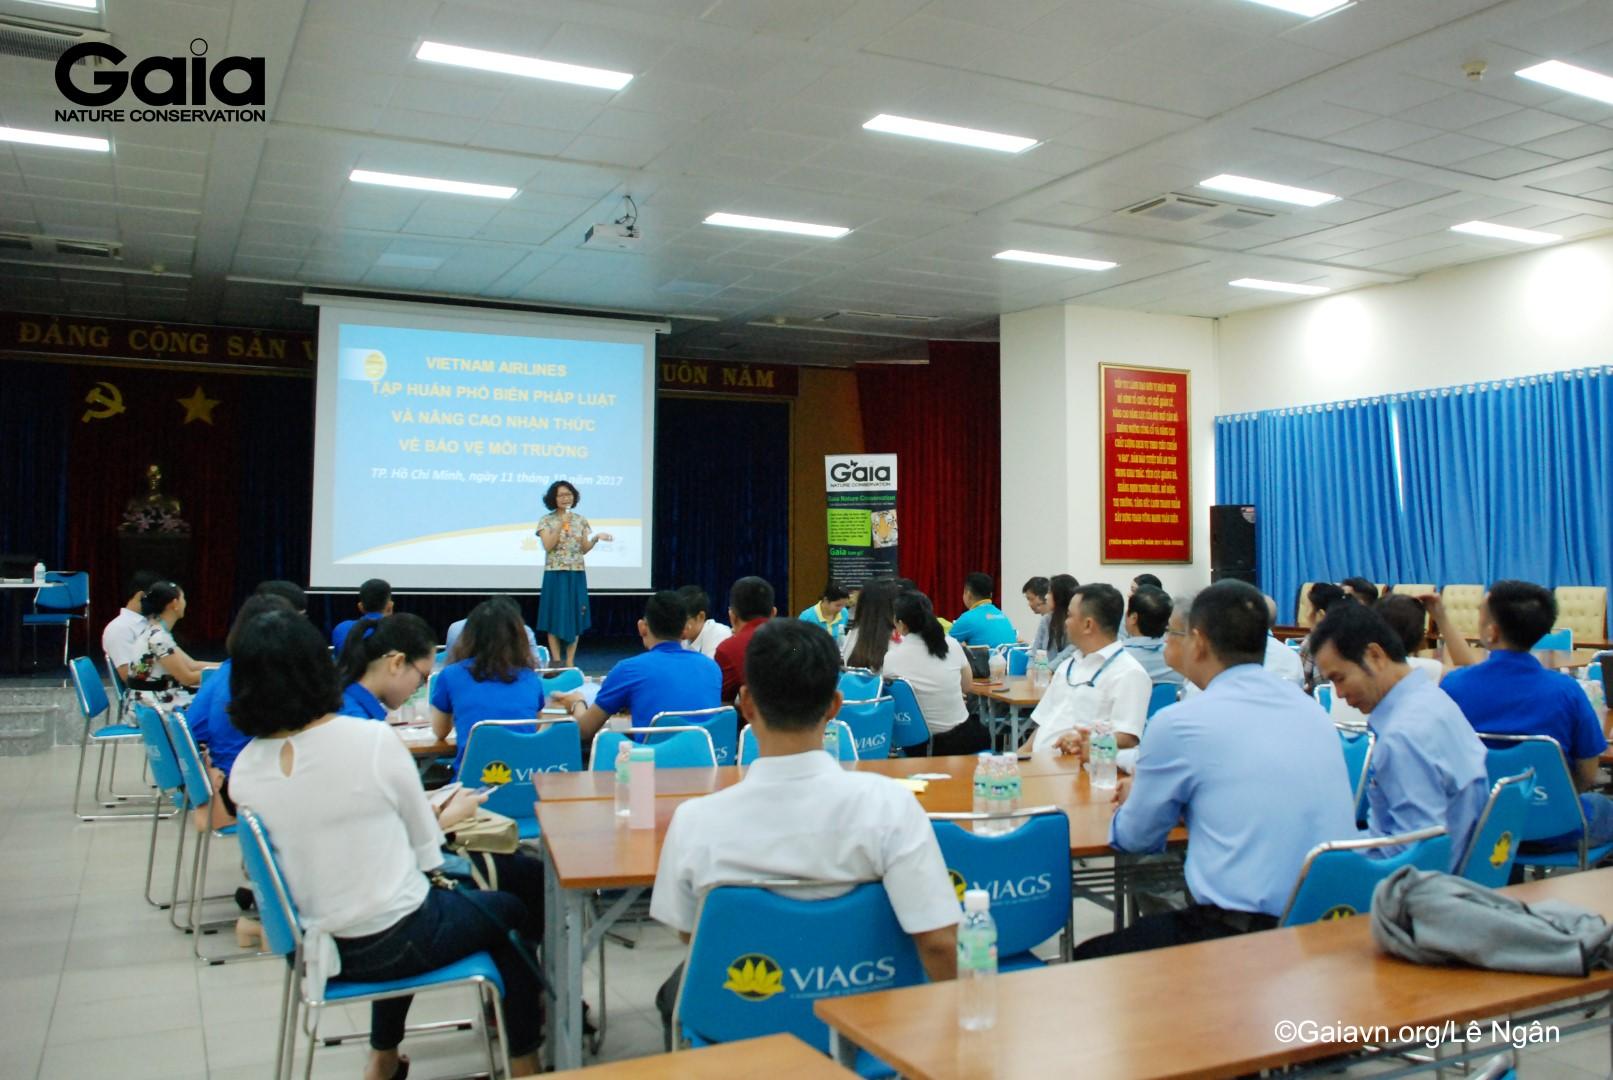 Bà Đỗ Thị Thanh Huyền – Giám đốc Trung tâm Bảo tồn Thiên nhiên Gaia tại Tập huấn.